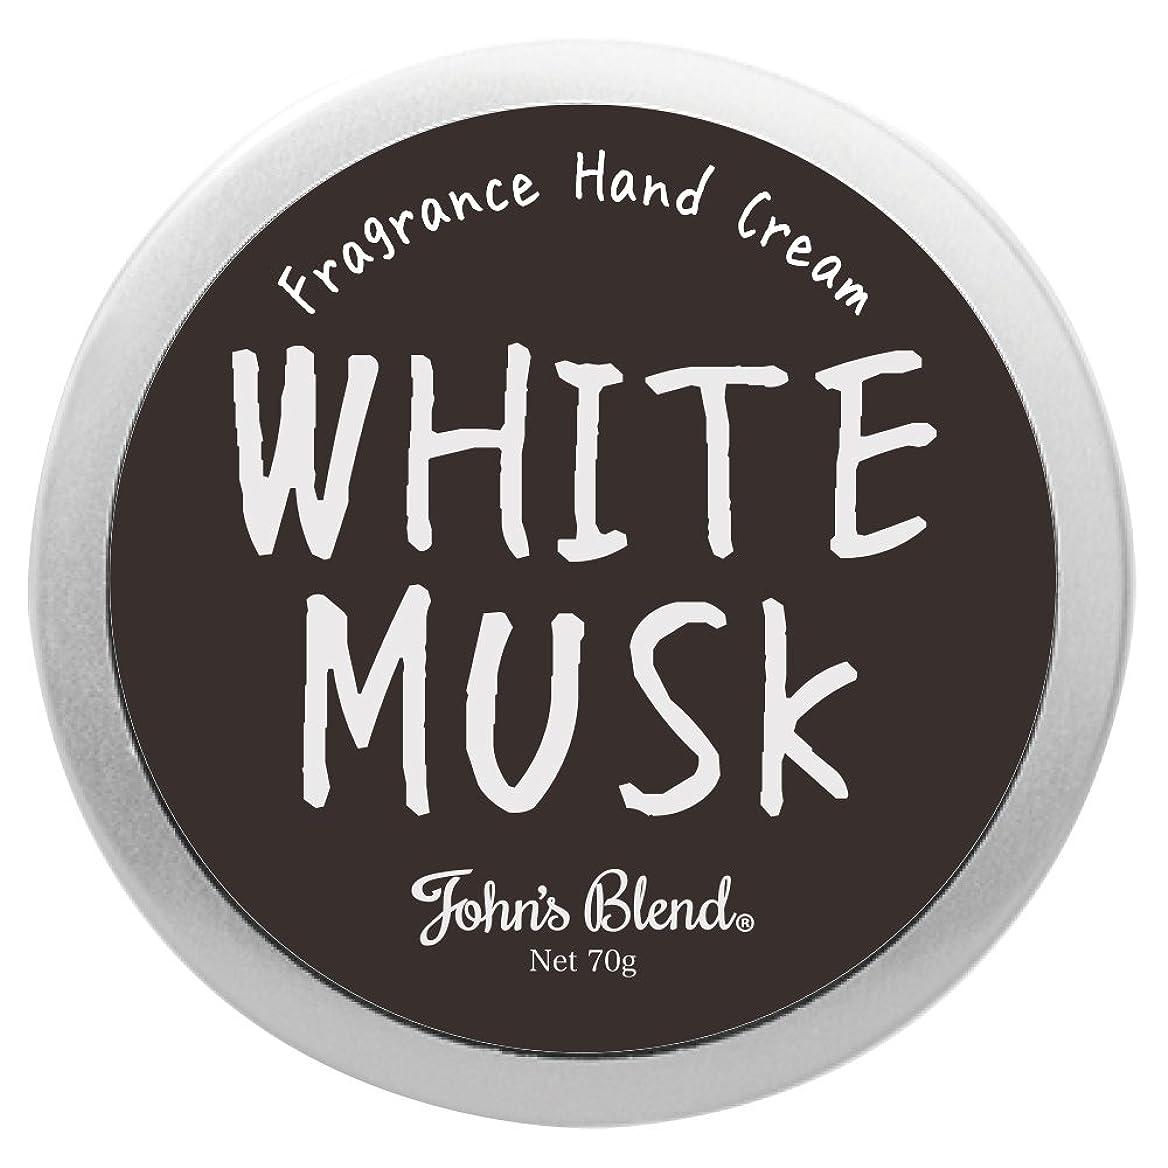 ラウンジ蒸し器申し立てJohns Blend ハンドクリーム 70g ホワイトムスク の香り OZ-JOD-1-1